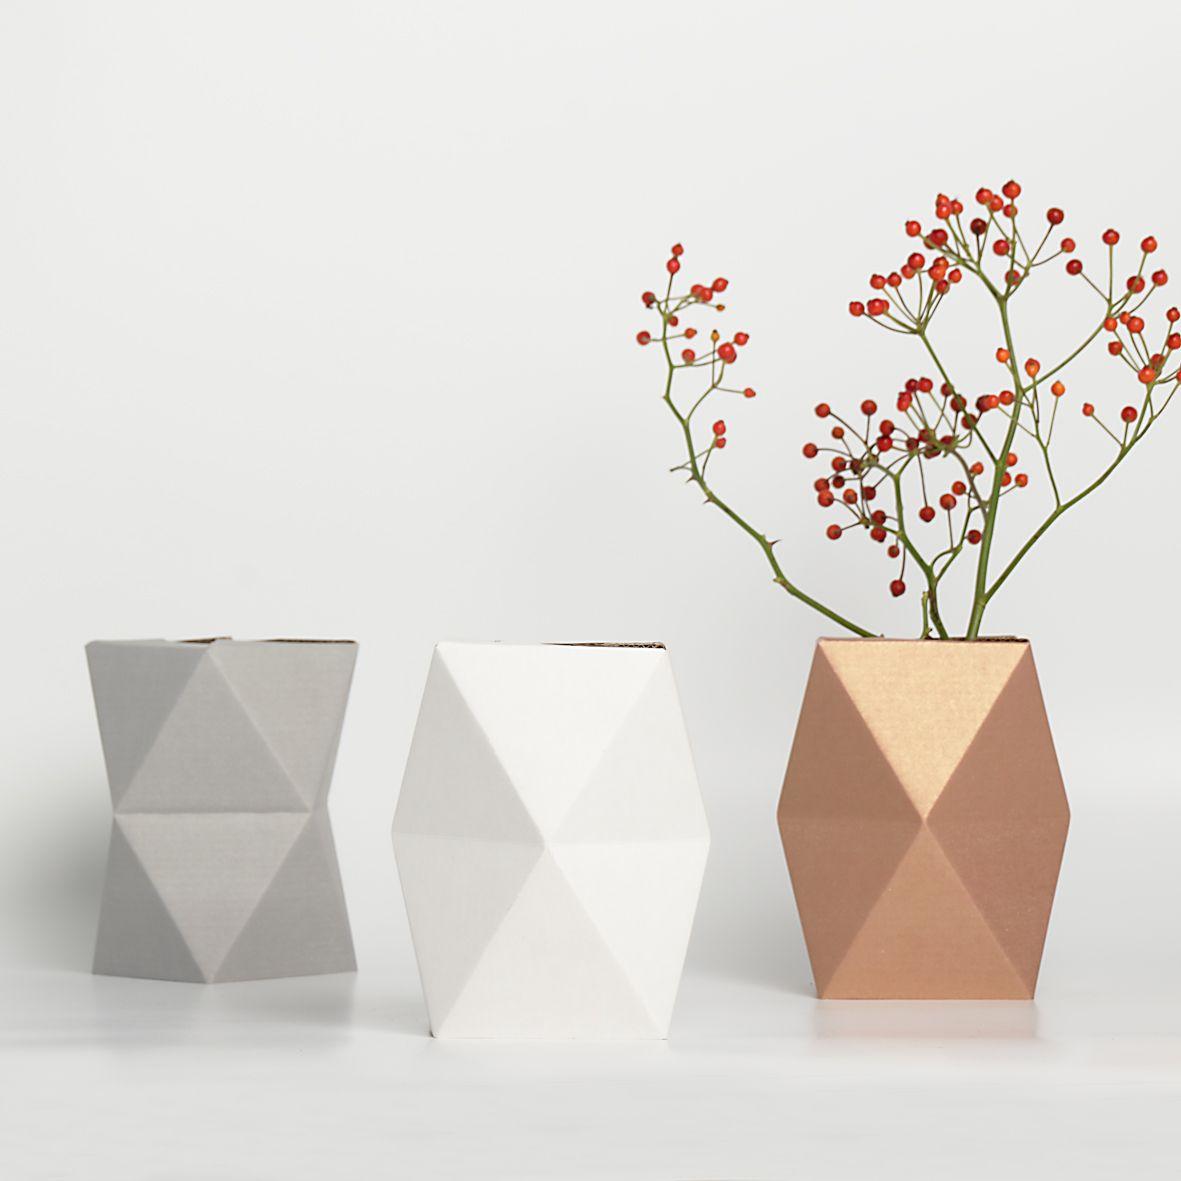 Snug Geometrisk Vase Liten Kobber Http Www Fjeldborg